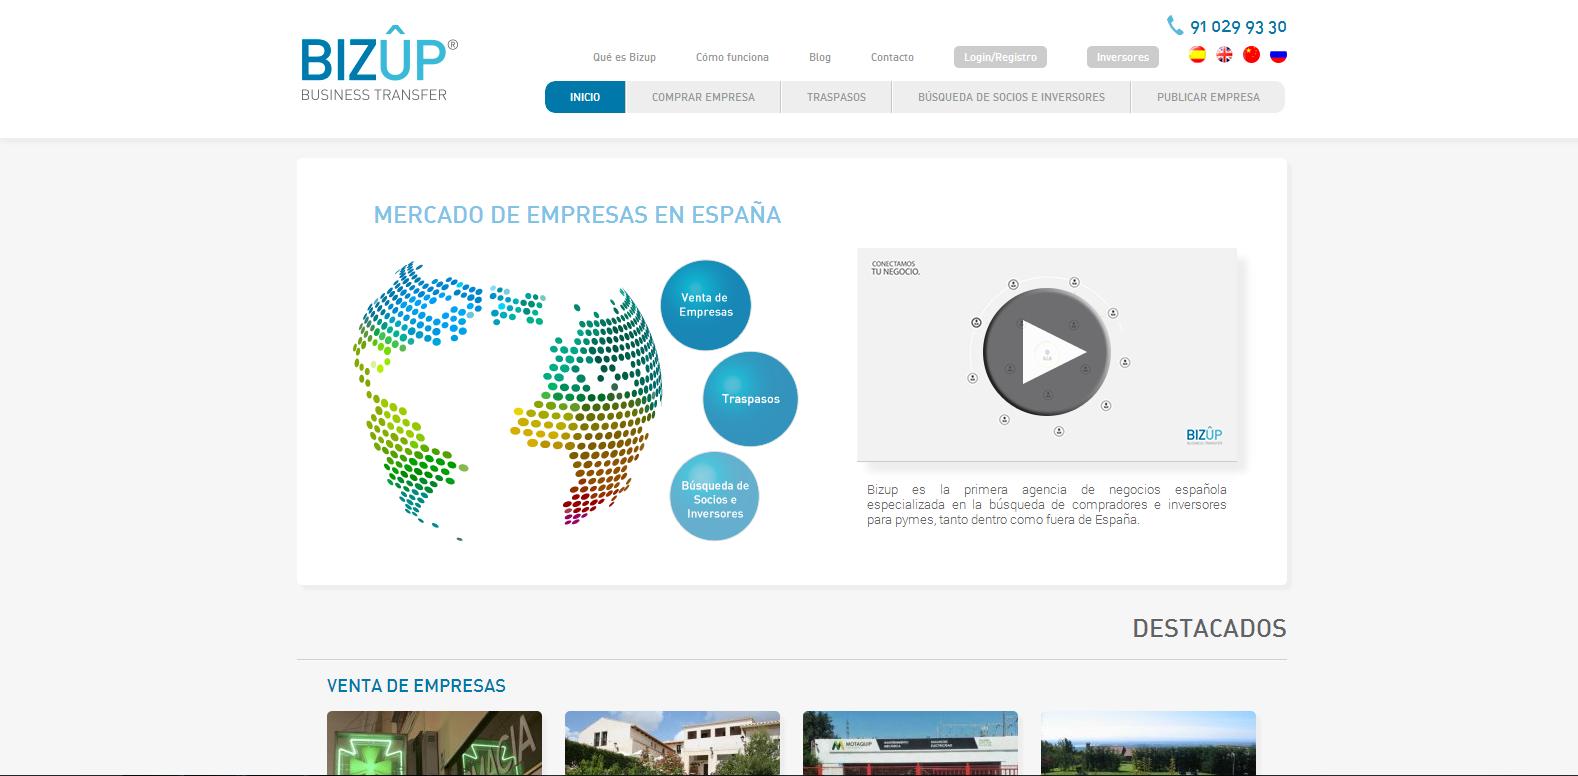 El Crowdbuying se Introduce en España gracias a BIZUP.